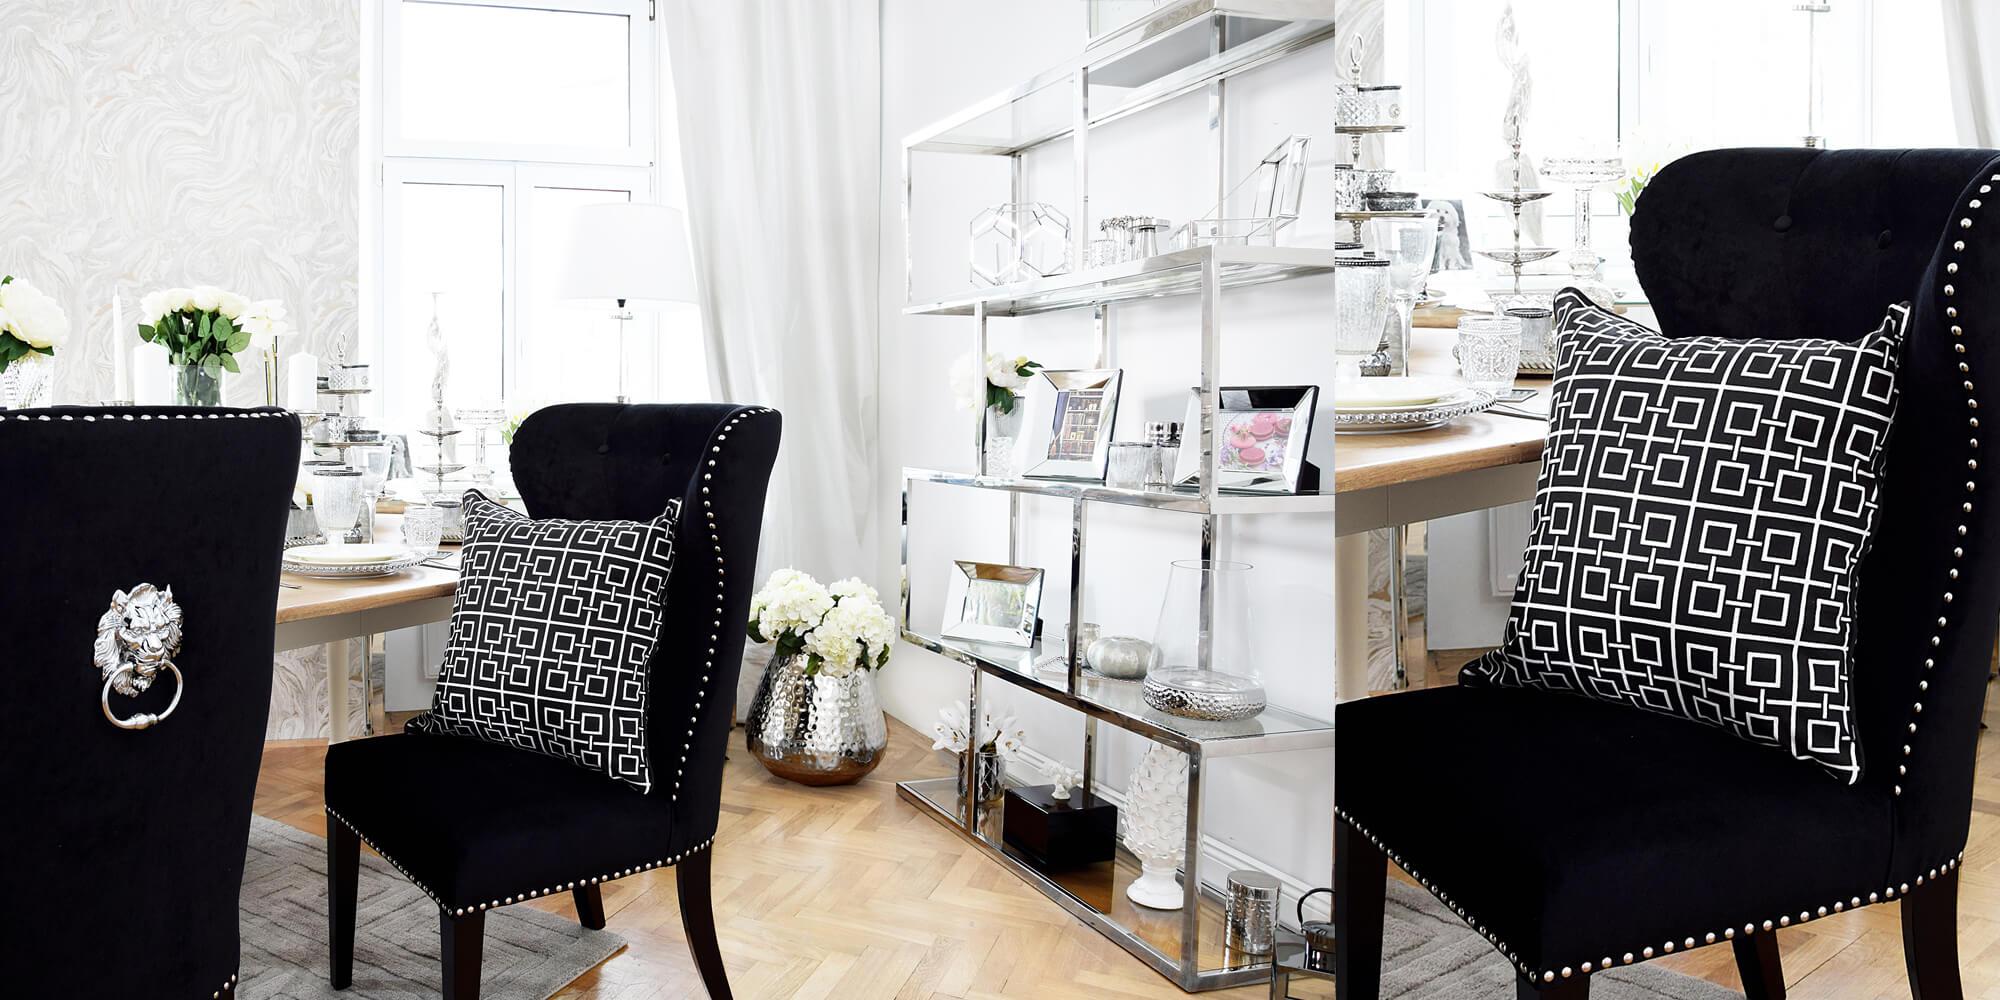 f r mehr leichtigkeit offene regale instashop. Black Bedroom Furniture Sets. Home Design Ideas